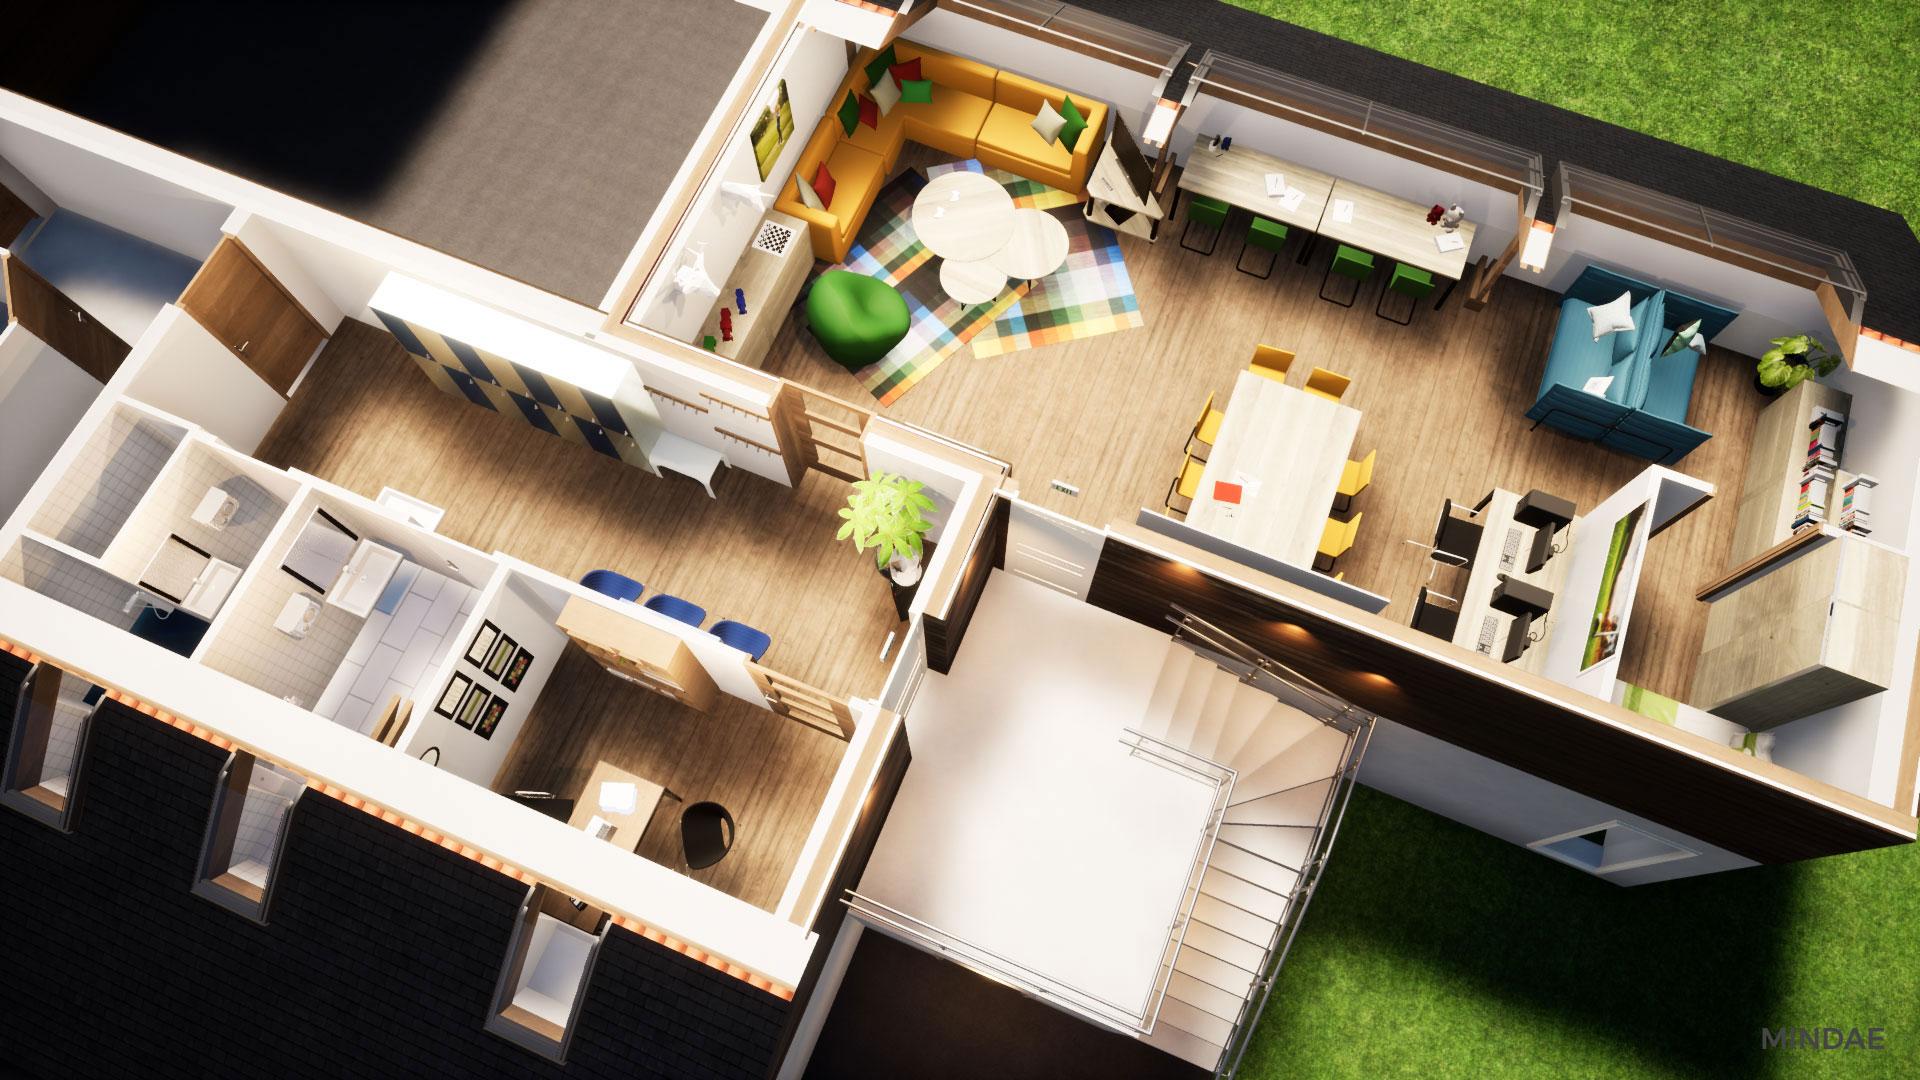 Mindae_3D_golf_caen_bluegreen_étage_projet_garderie-(1)